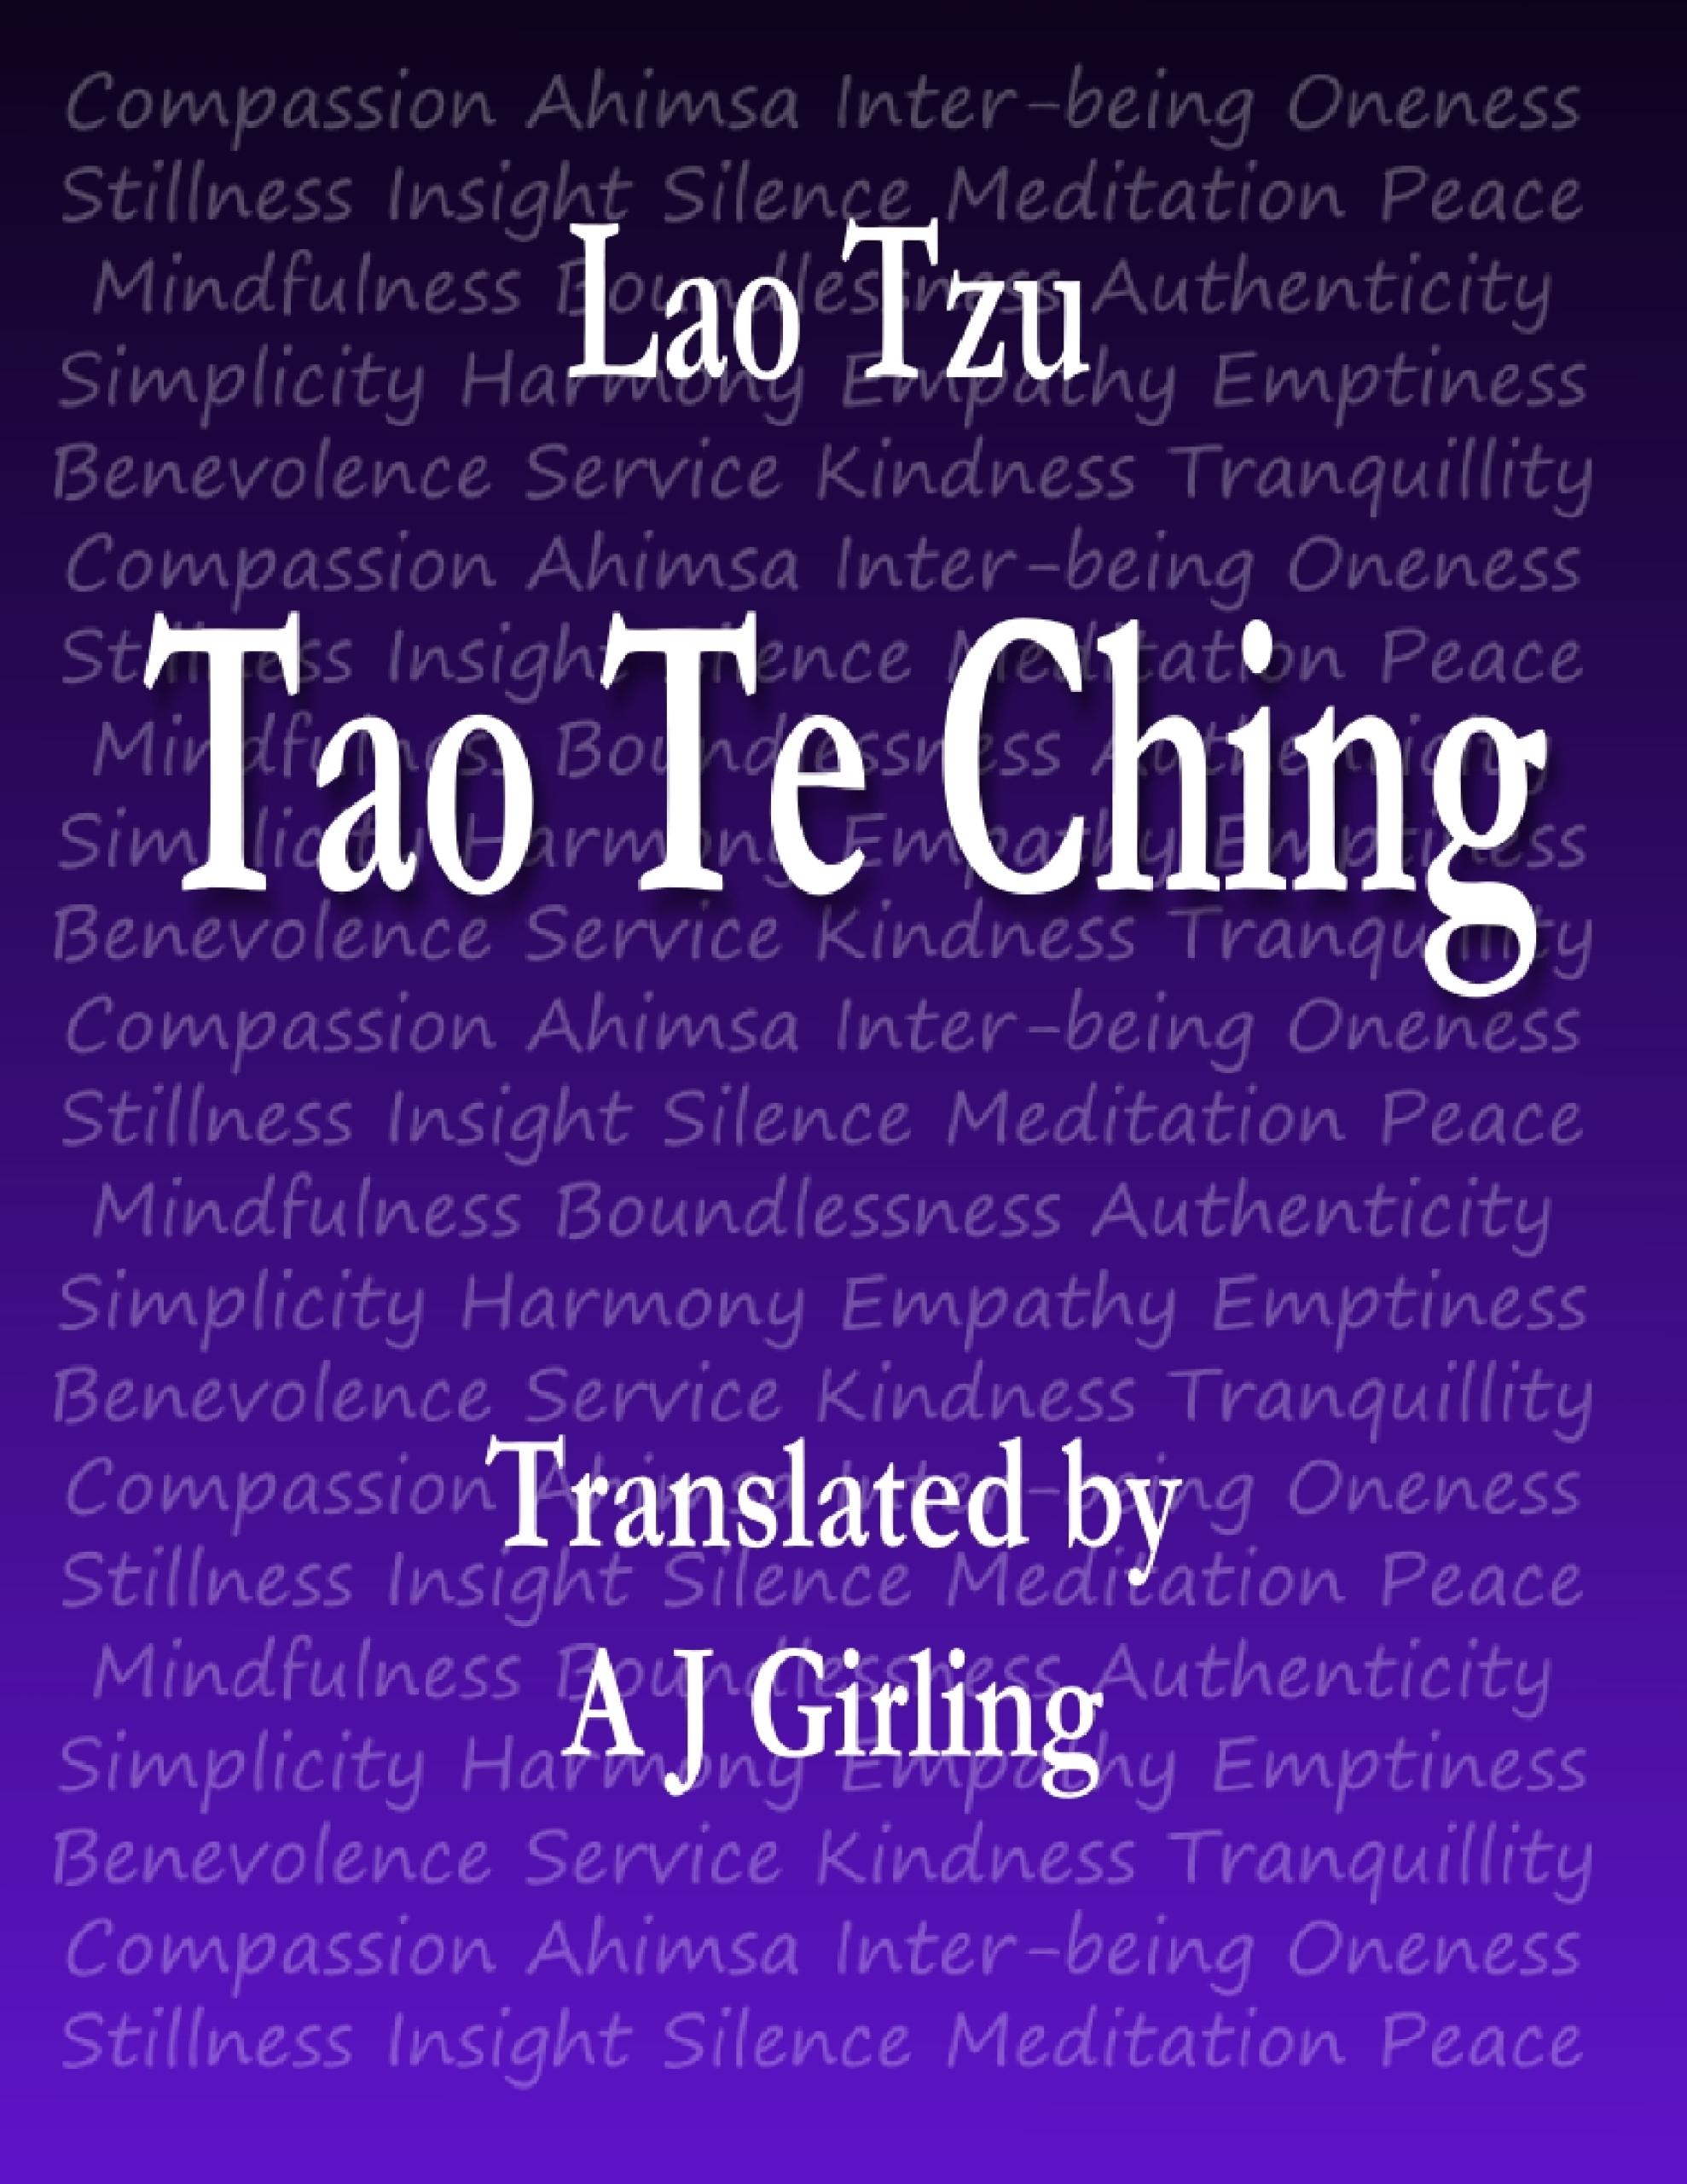 lao tzu and machiavelli Political philosophers philosophy politics essays - comparison of lao-tzu and machiavelli.